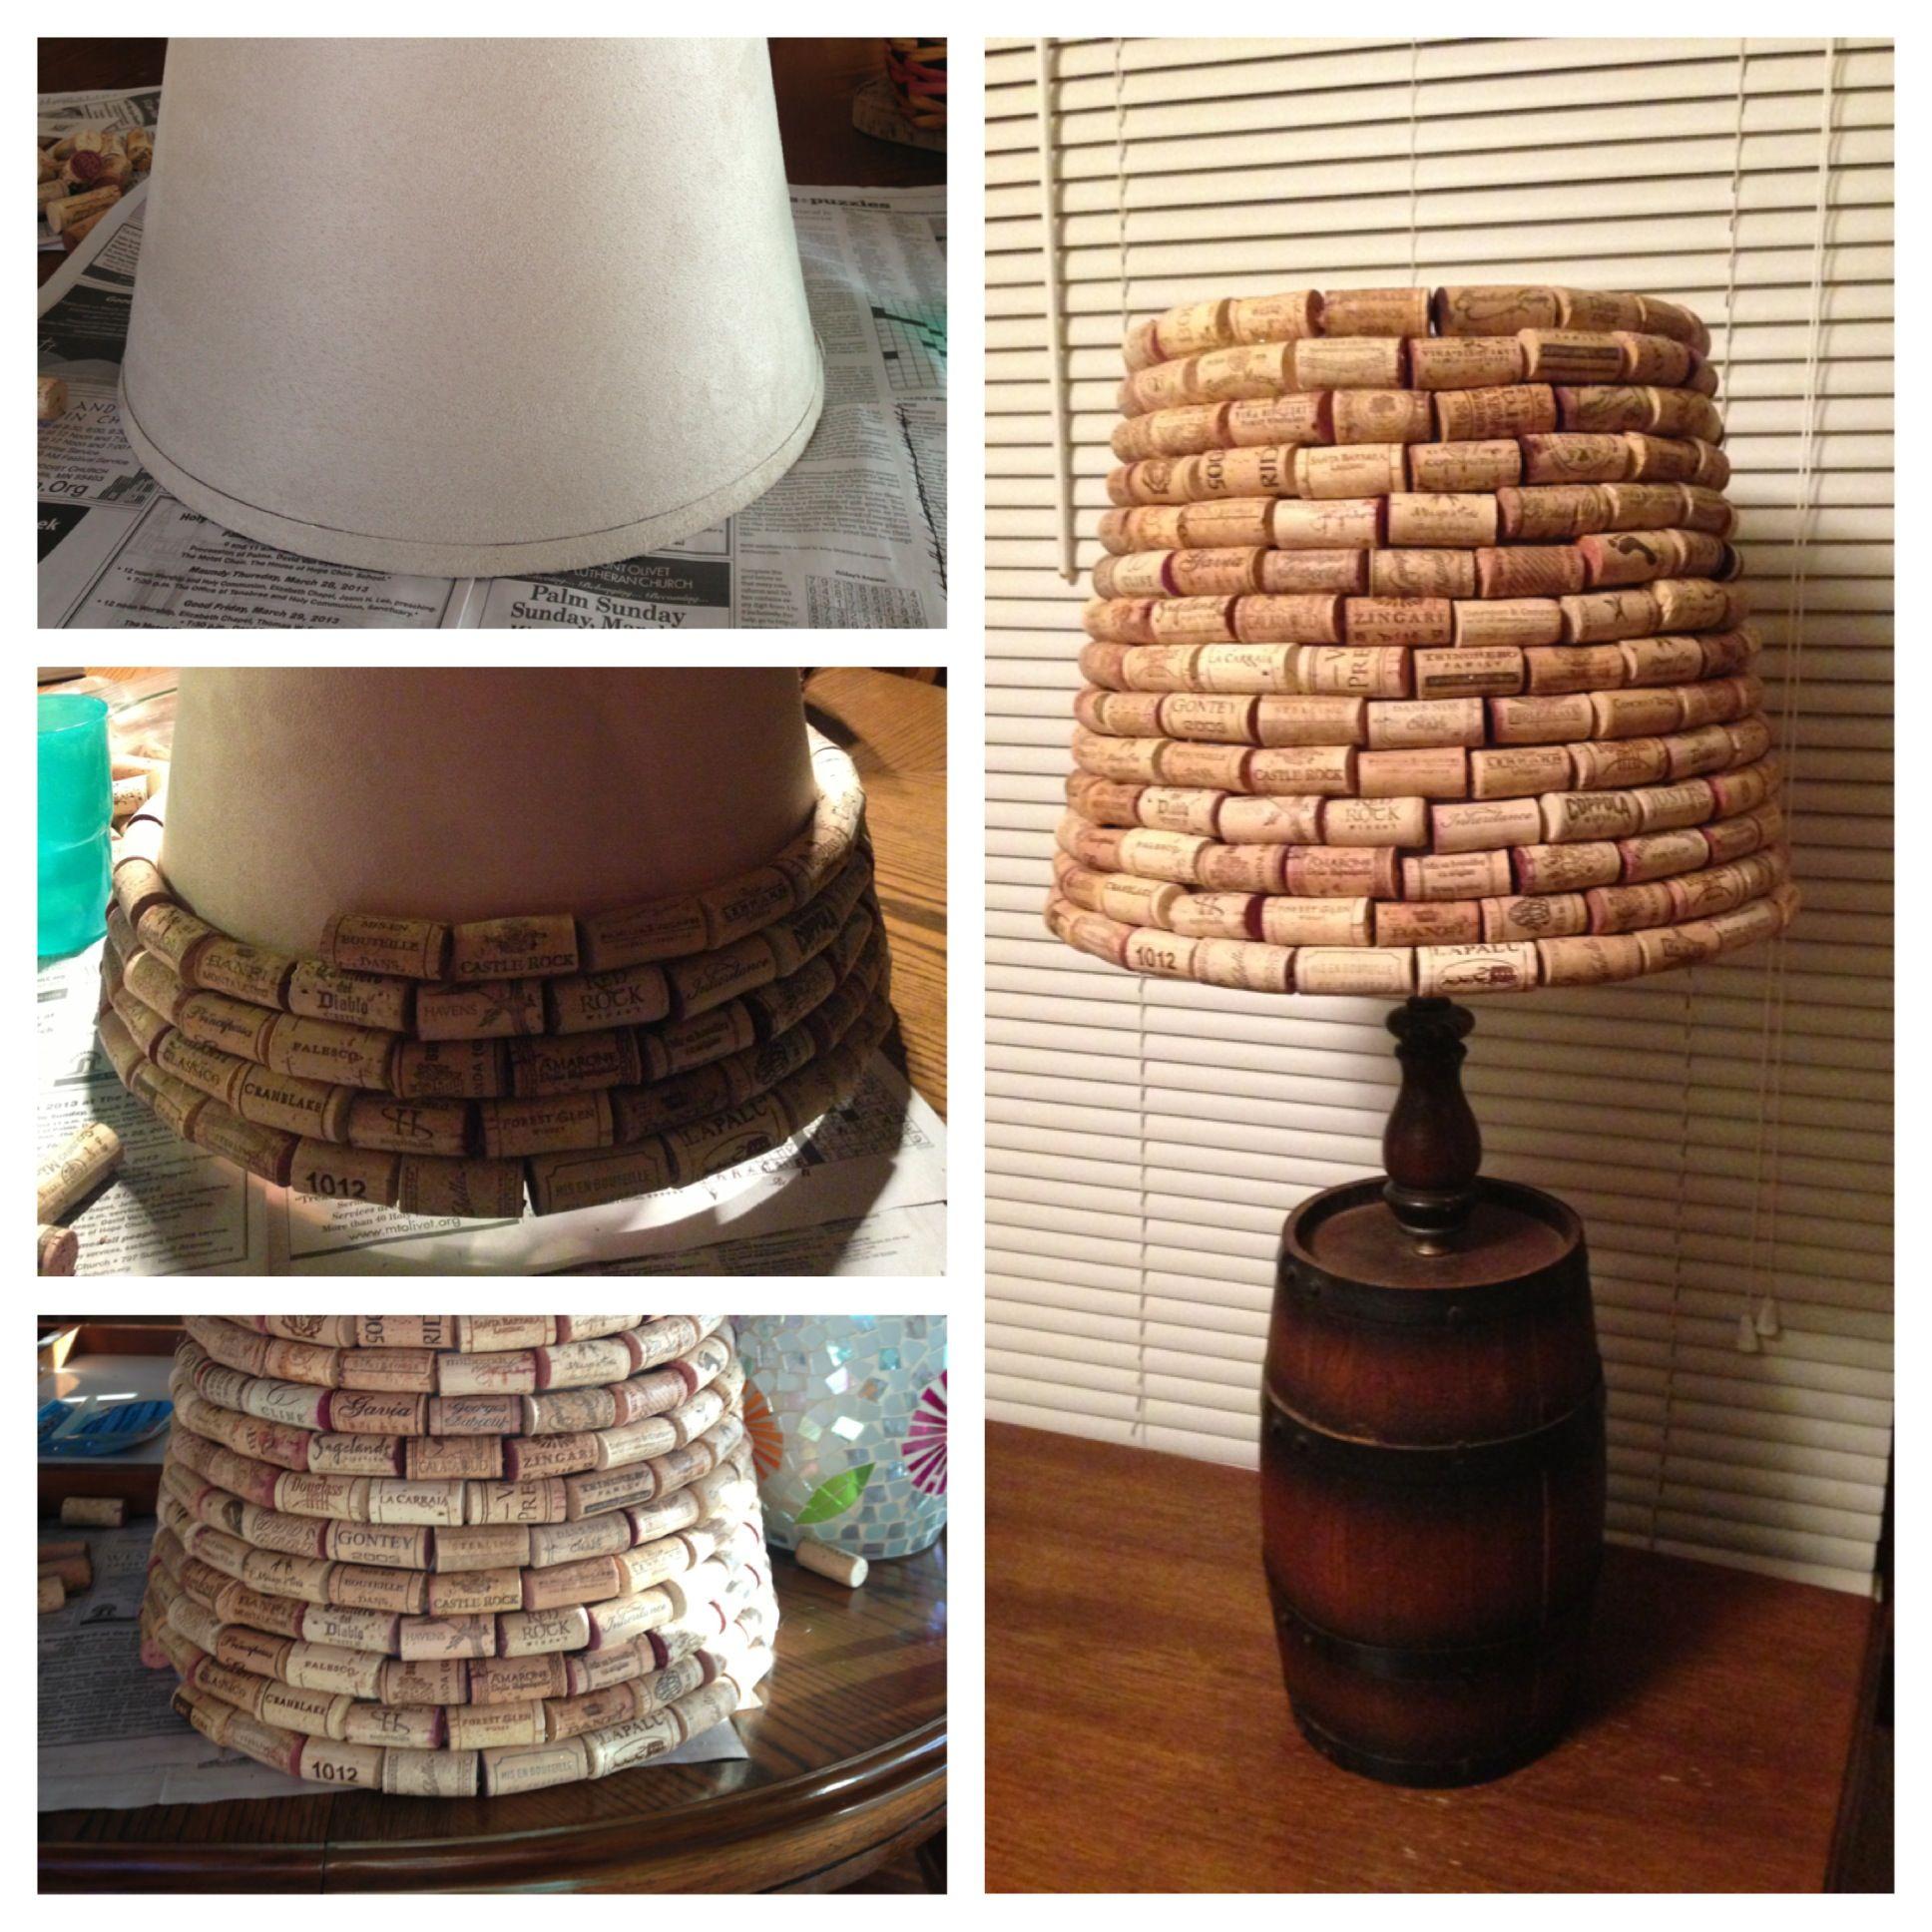 Lamps Plus Sacramento Ca: Comment Personnaliser Sa Lampe Avec De Simples Bouchons En